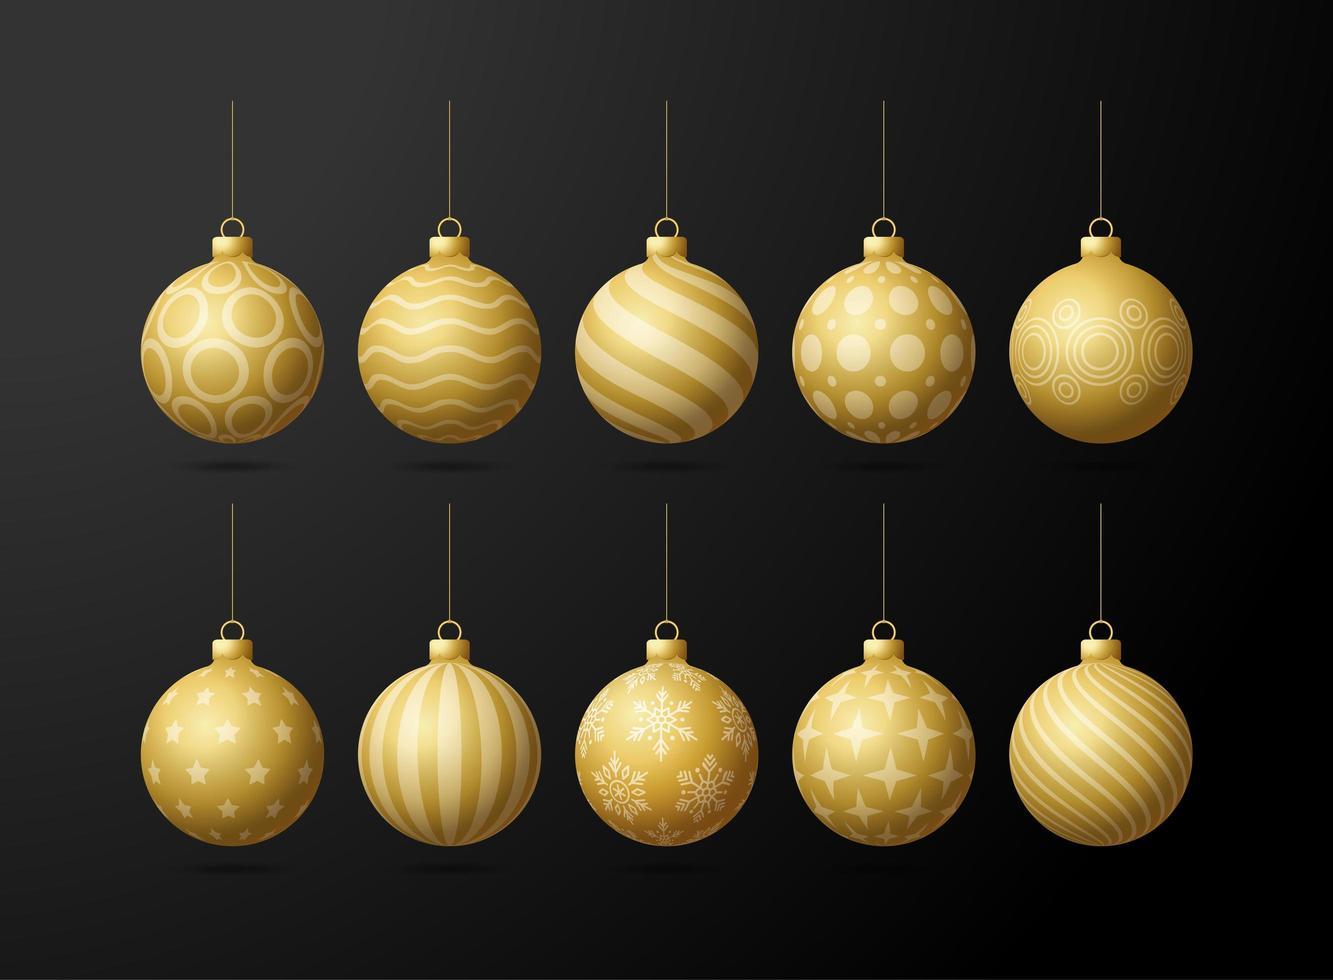 guld julgran bollar uppsättning isolerad på svart vektor